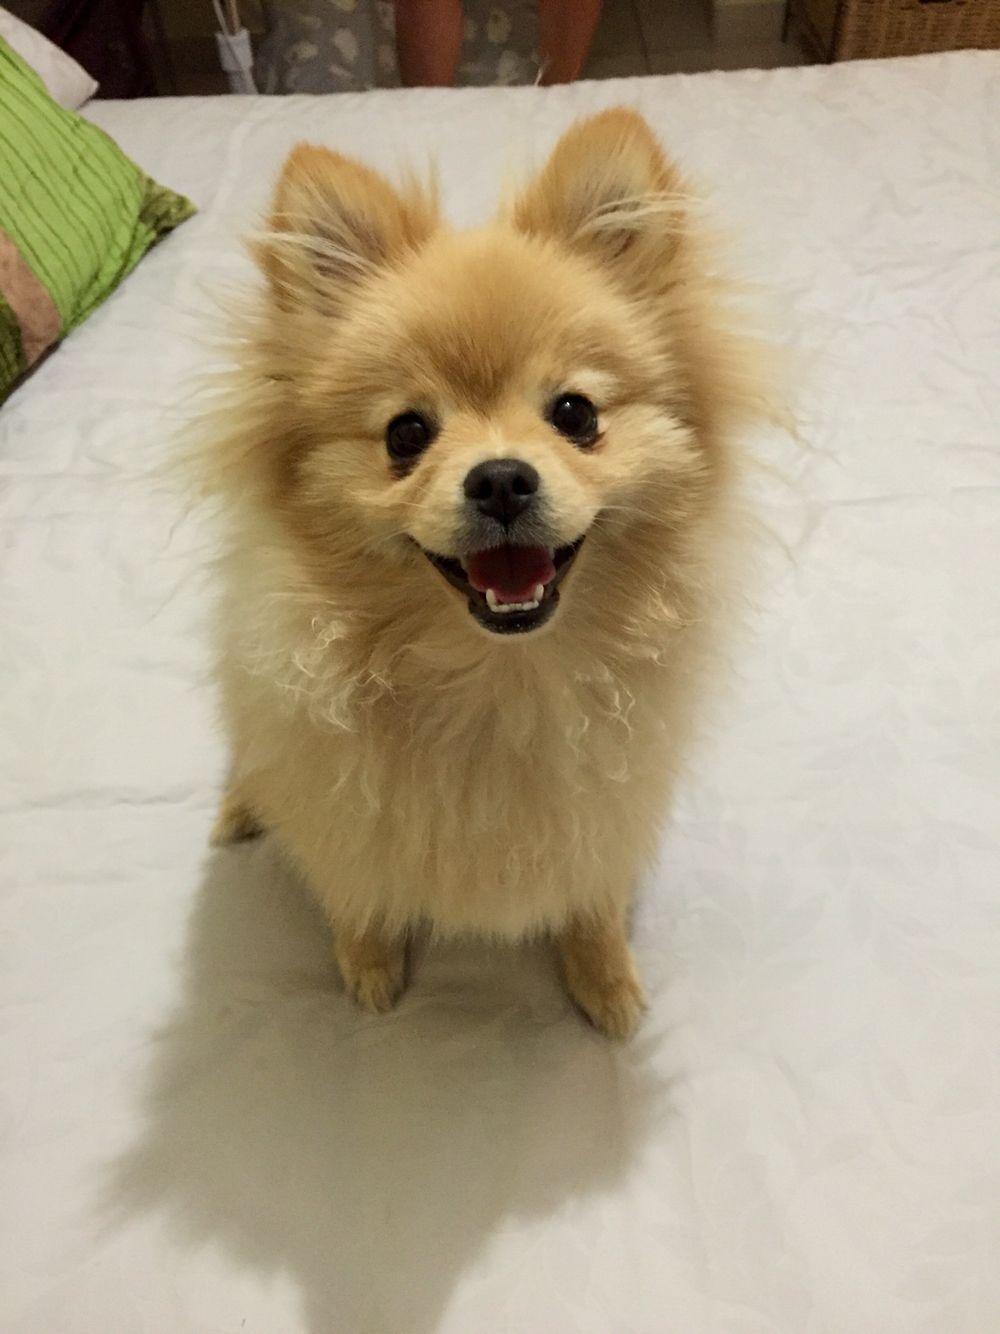 Teddy the Toy Pom Pomeranian puppy cute